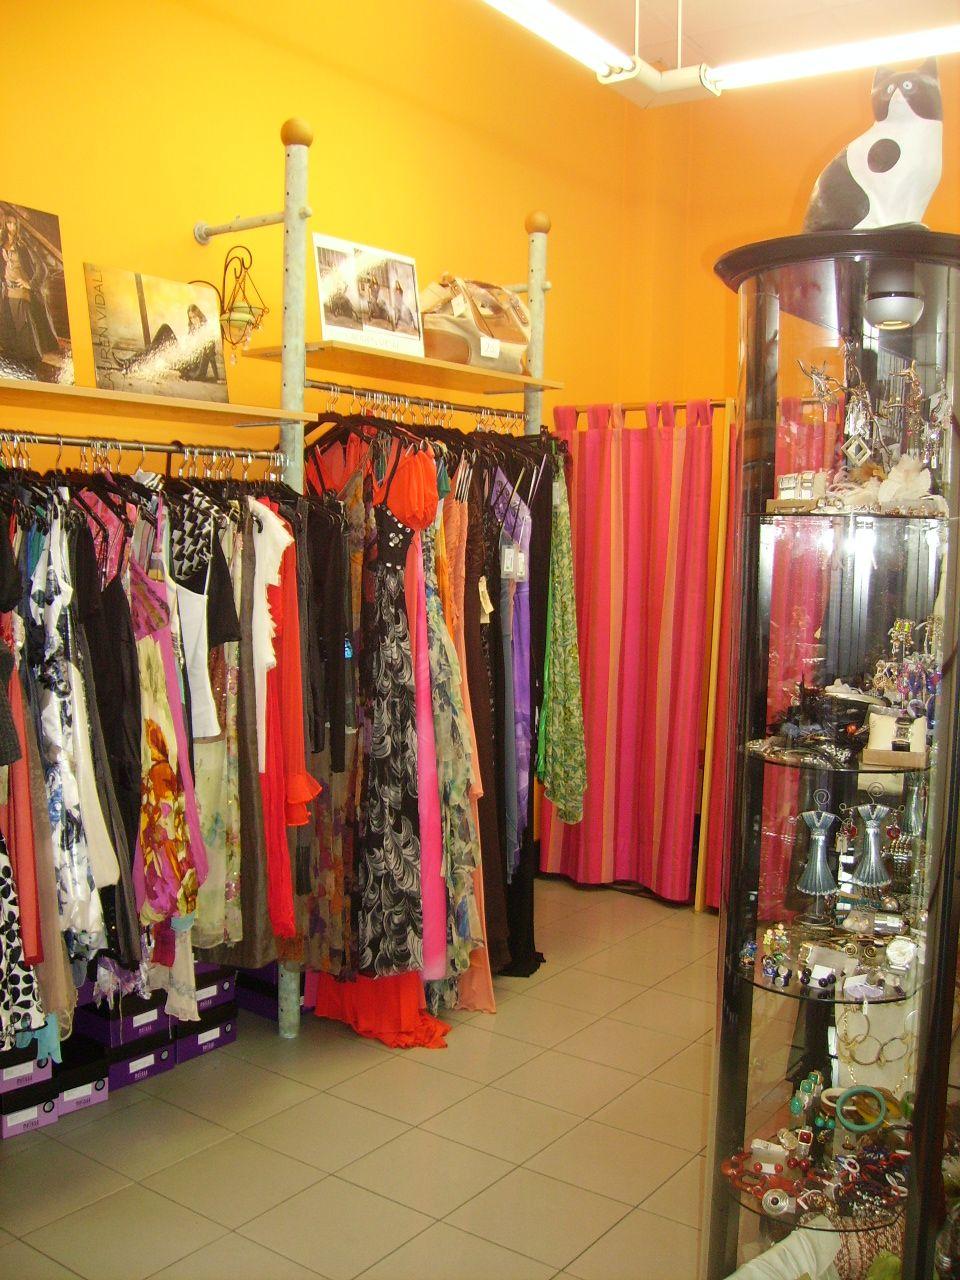 ad6db17e6c4 Se vende material de segunda mano para montar tienda de ropa. ¡¡¡Feliz  Sábado!!!